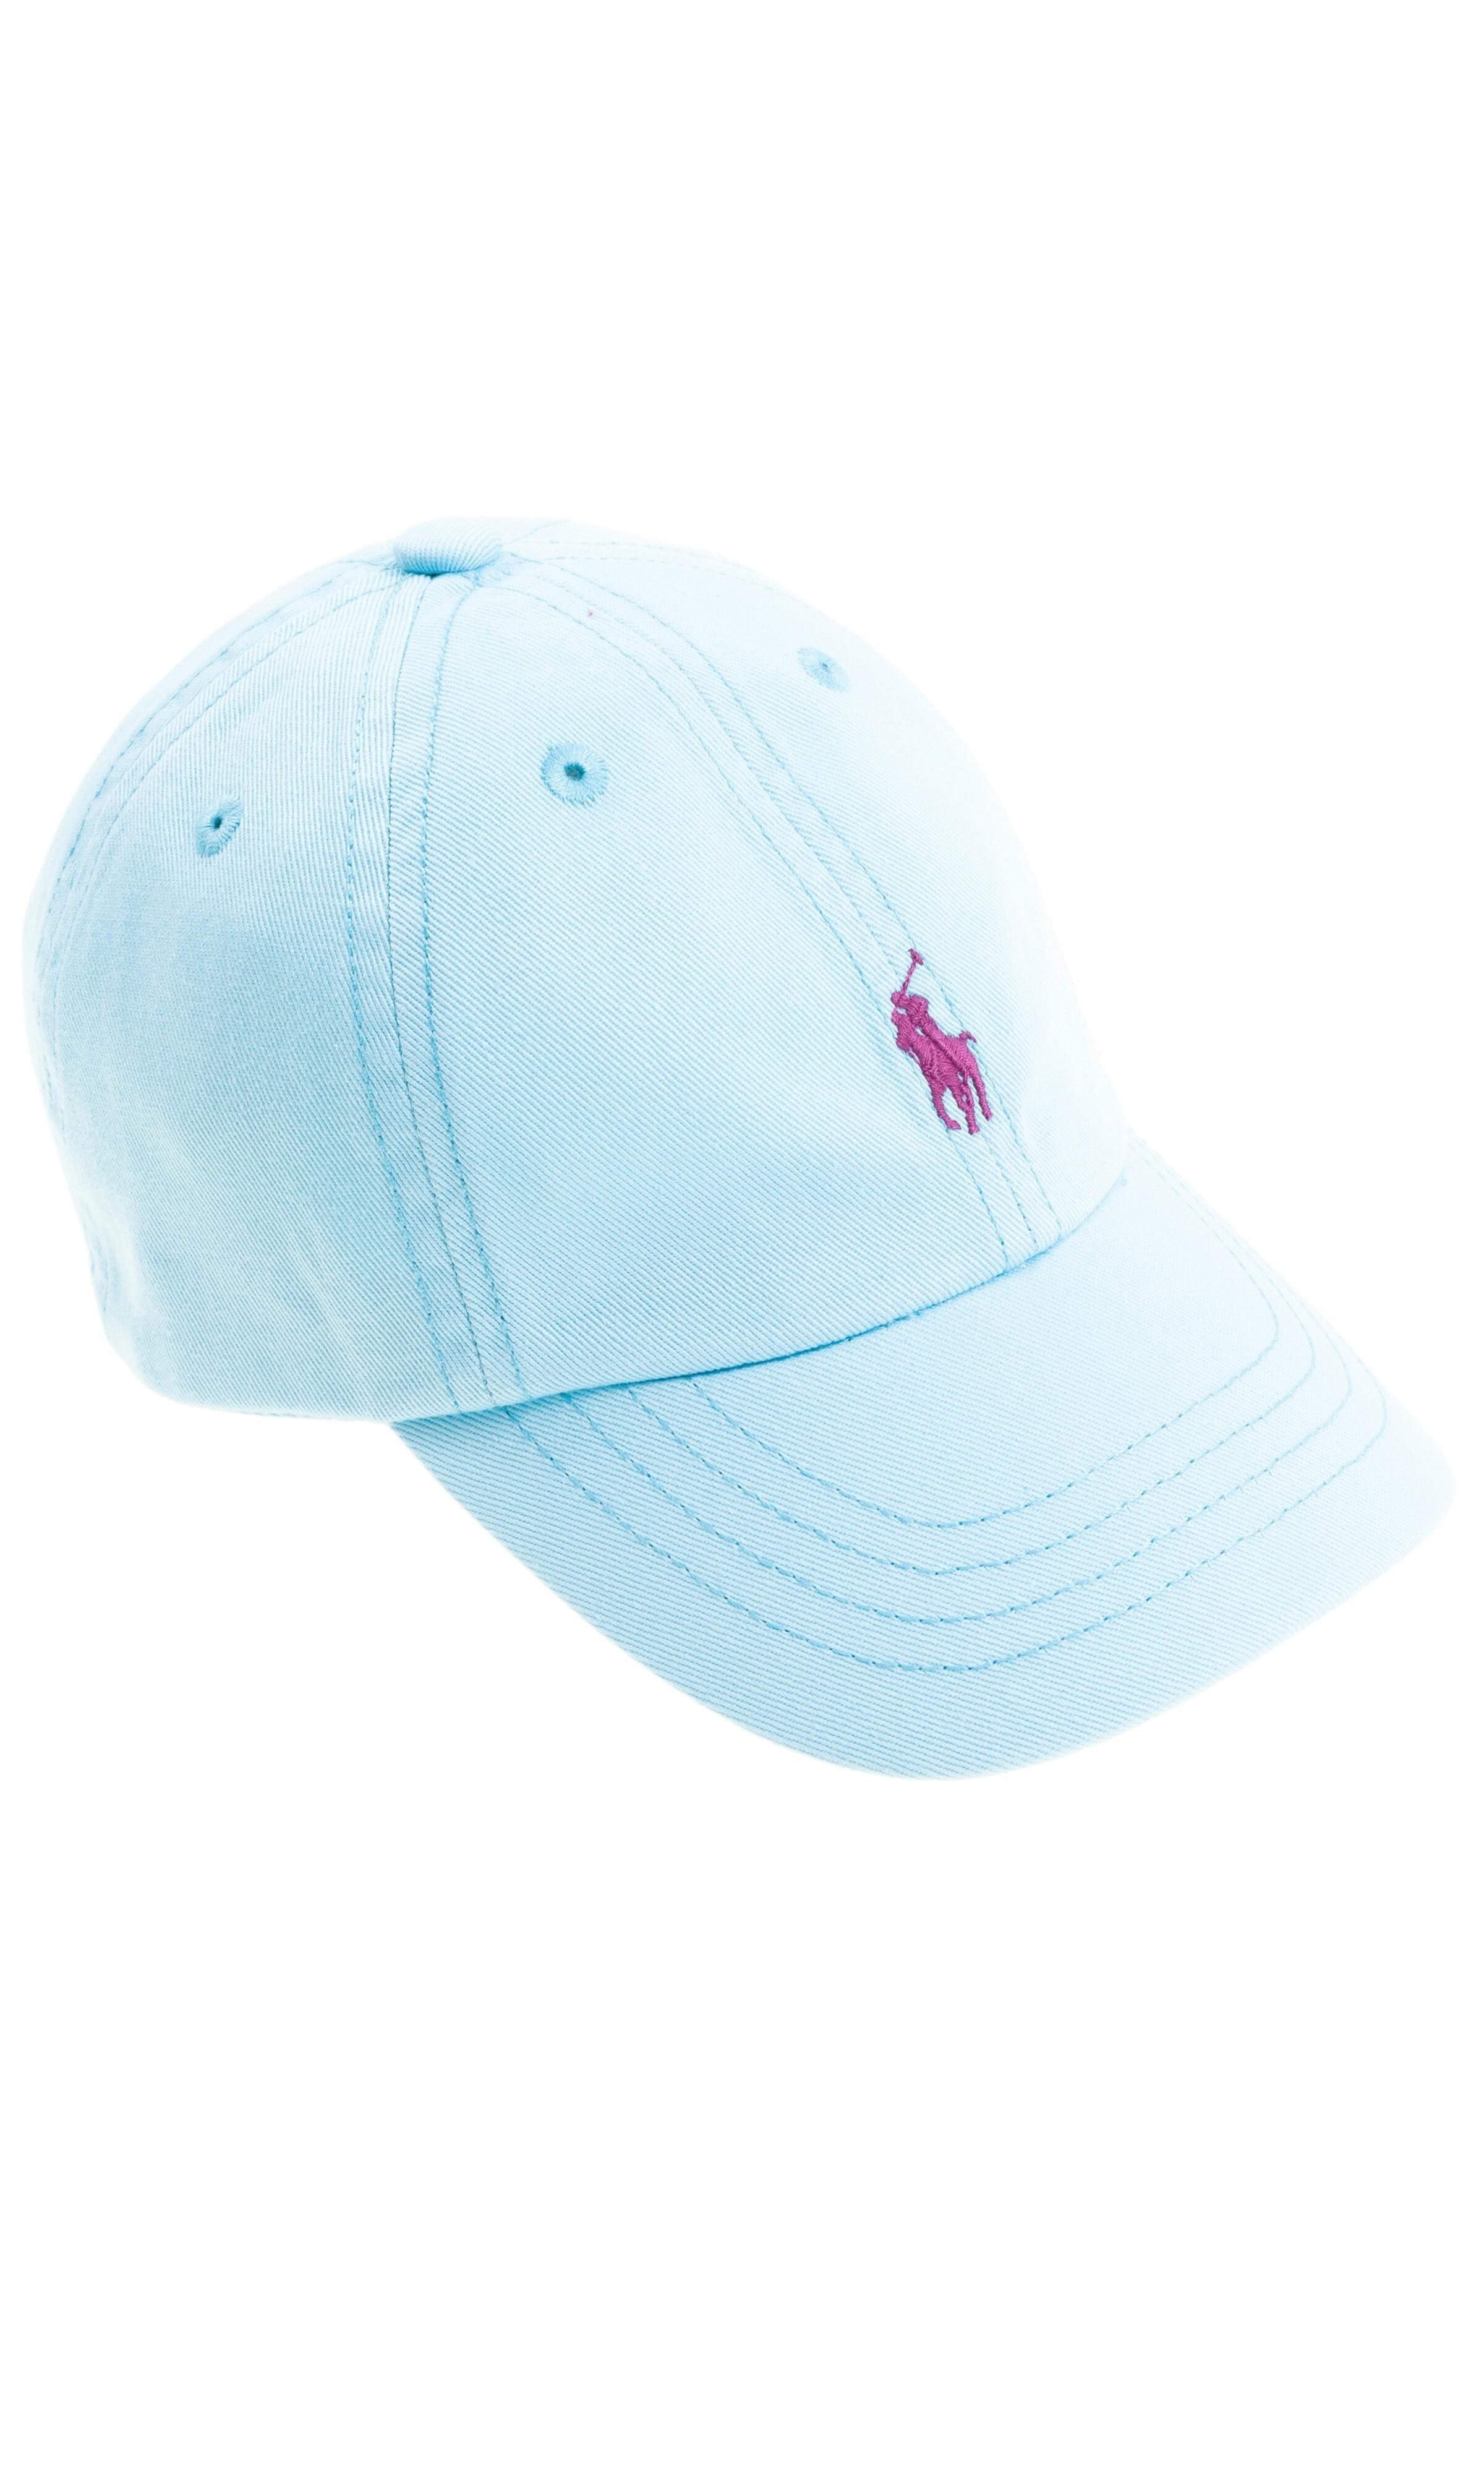 6e437e9ed Niebieska czapka z daszkiem, Polo Ralph Lauren - Celebrity-Club